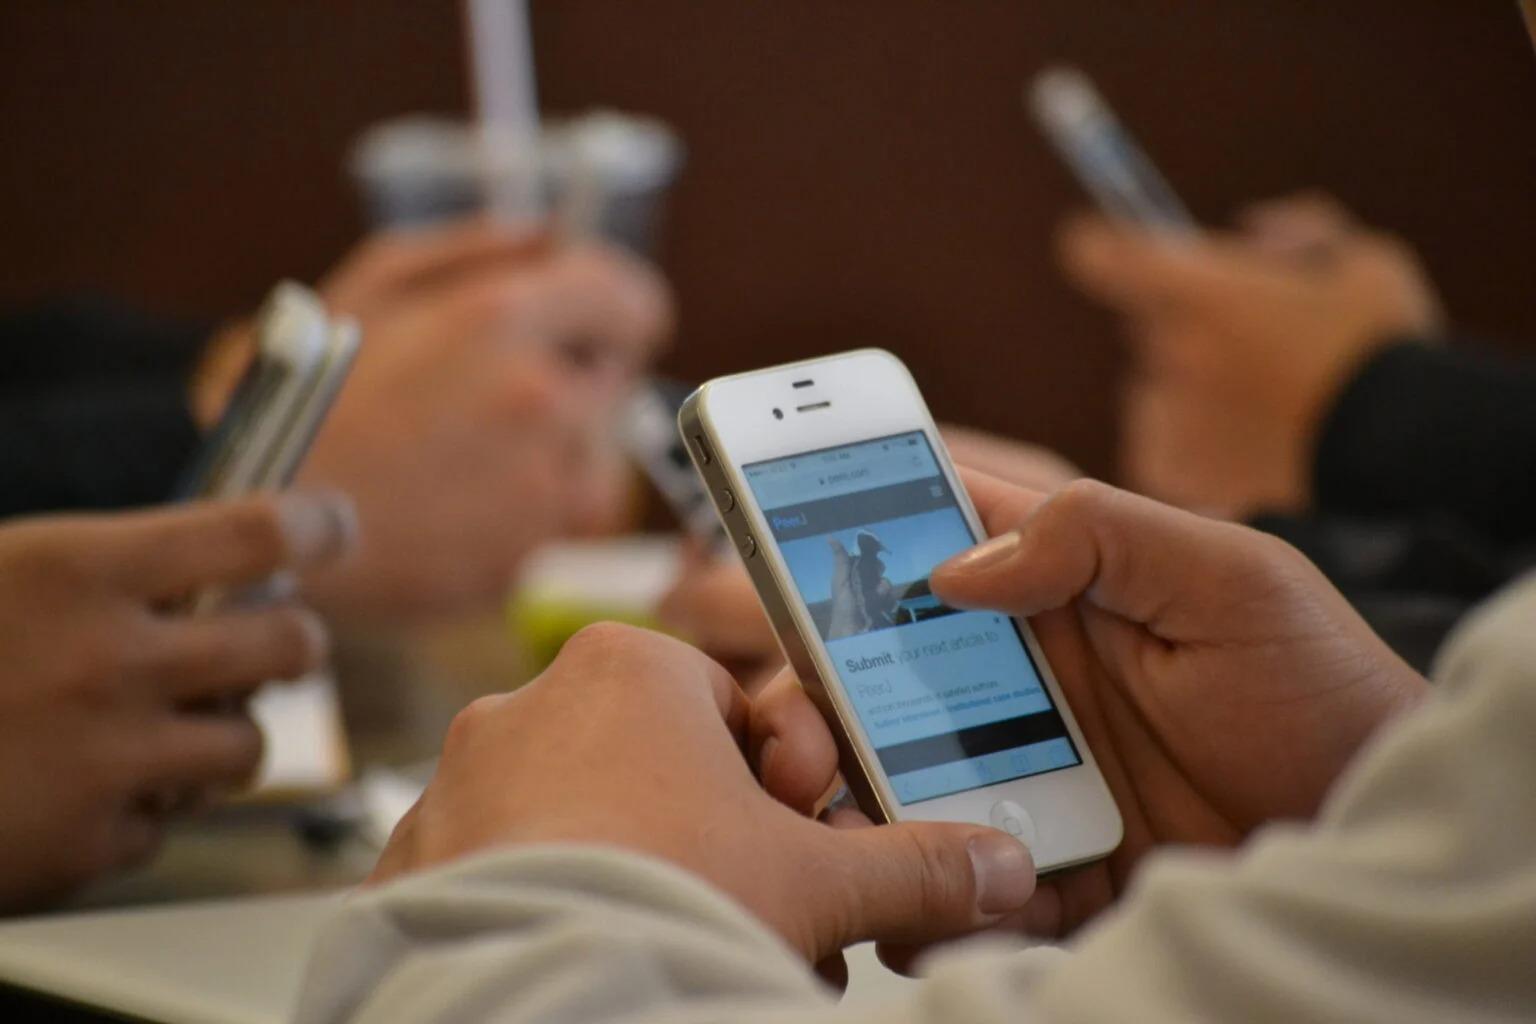 Gobierno de Pakistán amenaza con cortar el servicio de teléfonos celulares a los que no se vacunen